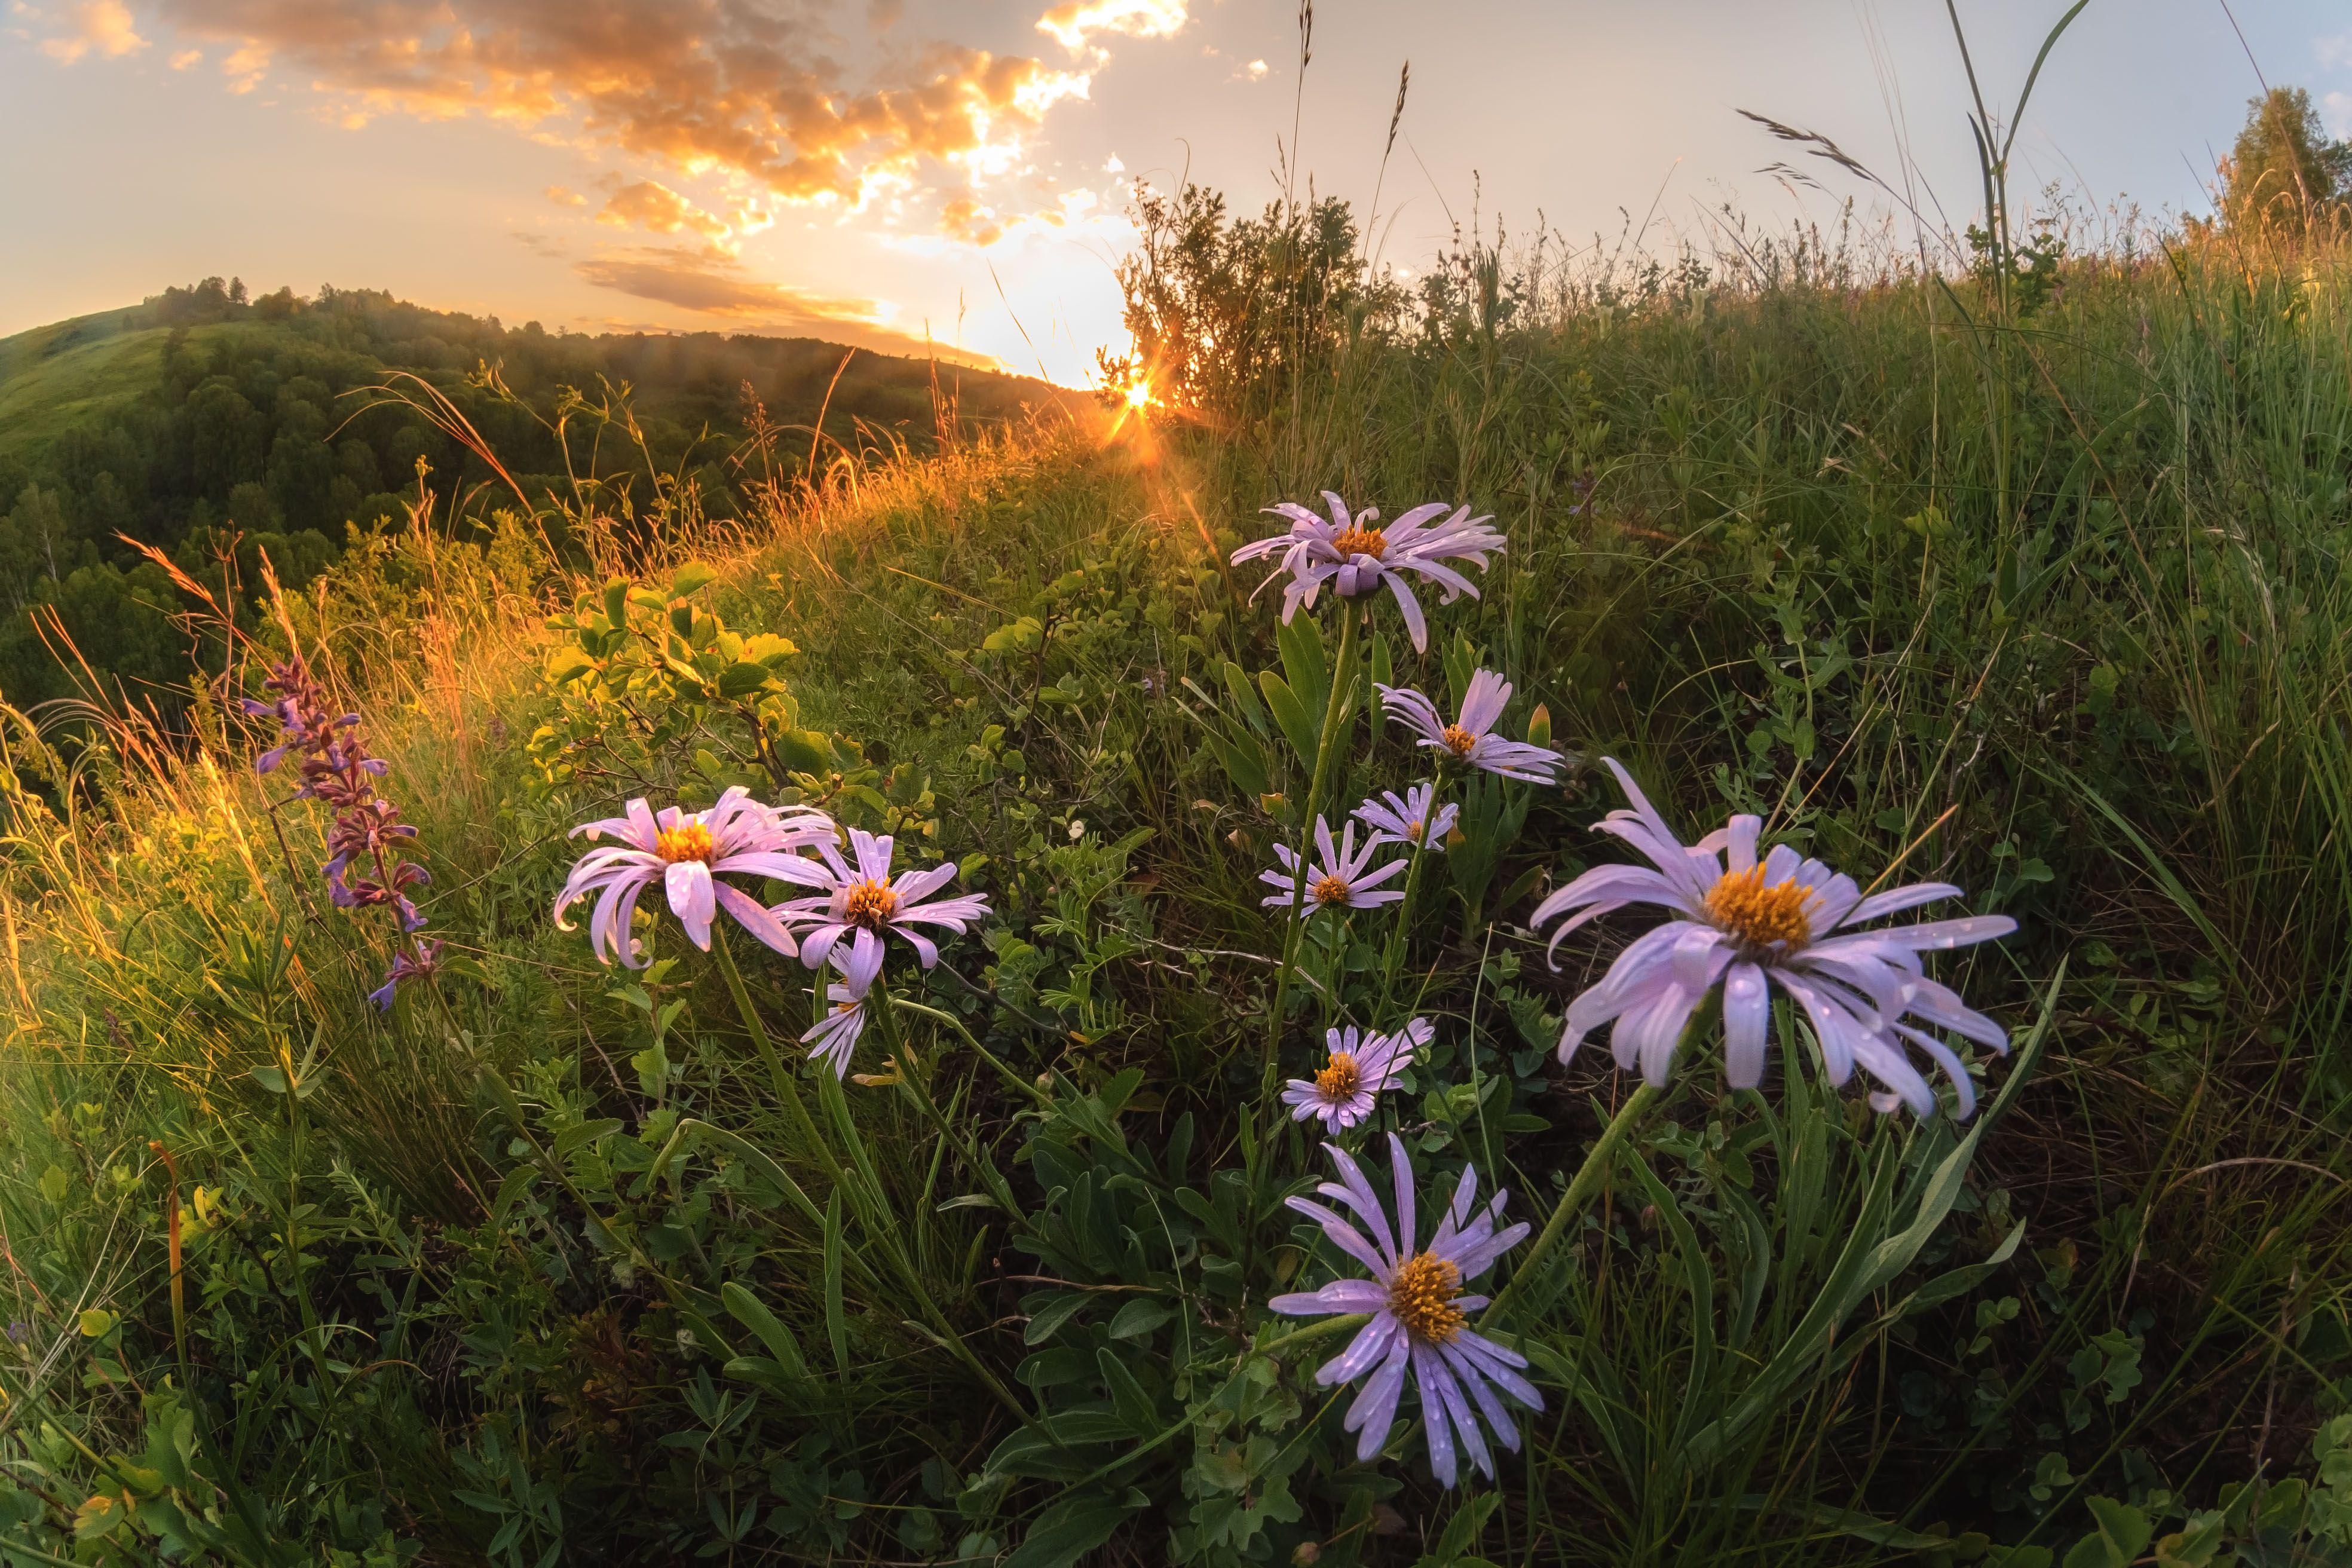 #цветы #астры #солнце #закат #вечер #пейзаж #лучи #природа #заповедник #лето #луг #холмы #ханхара #тигирекскийзаповедник #алтай #алтайскийкрай #nature #flowers #sun #sunlight #sunset #asters #hills #landscape #summer #evening #reserve #meadow #altai #tigi, Денис Соломахин